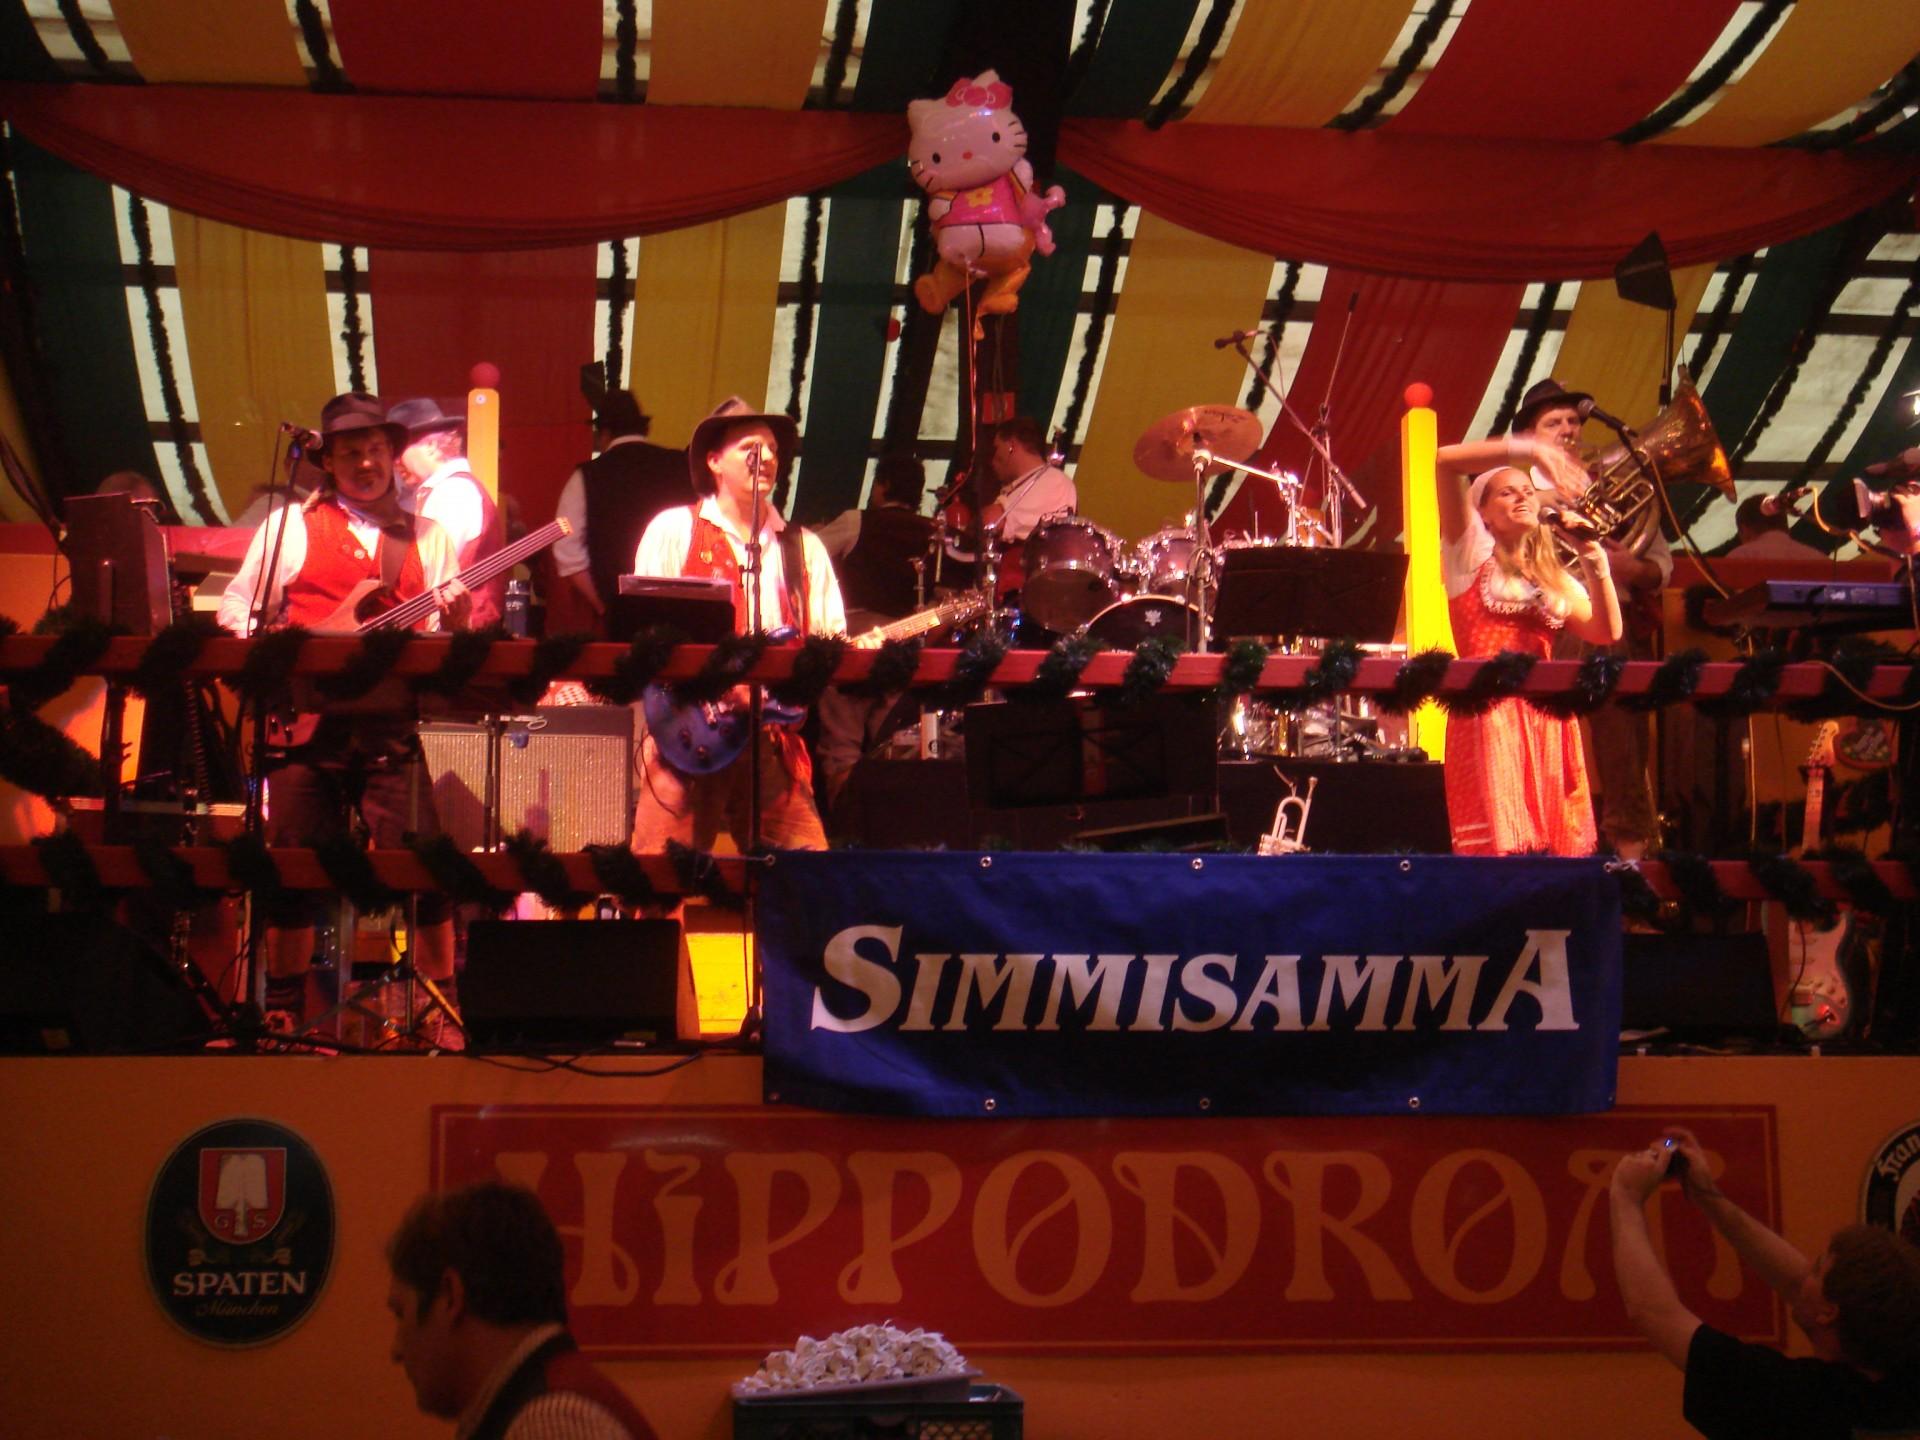 Simmisamma die Oktoberfestband – Konzert Hippodrom Oktoberfest München Deutschland 92